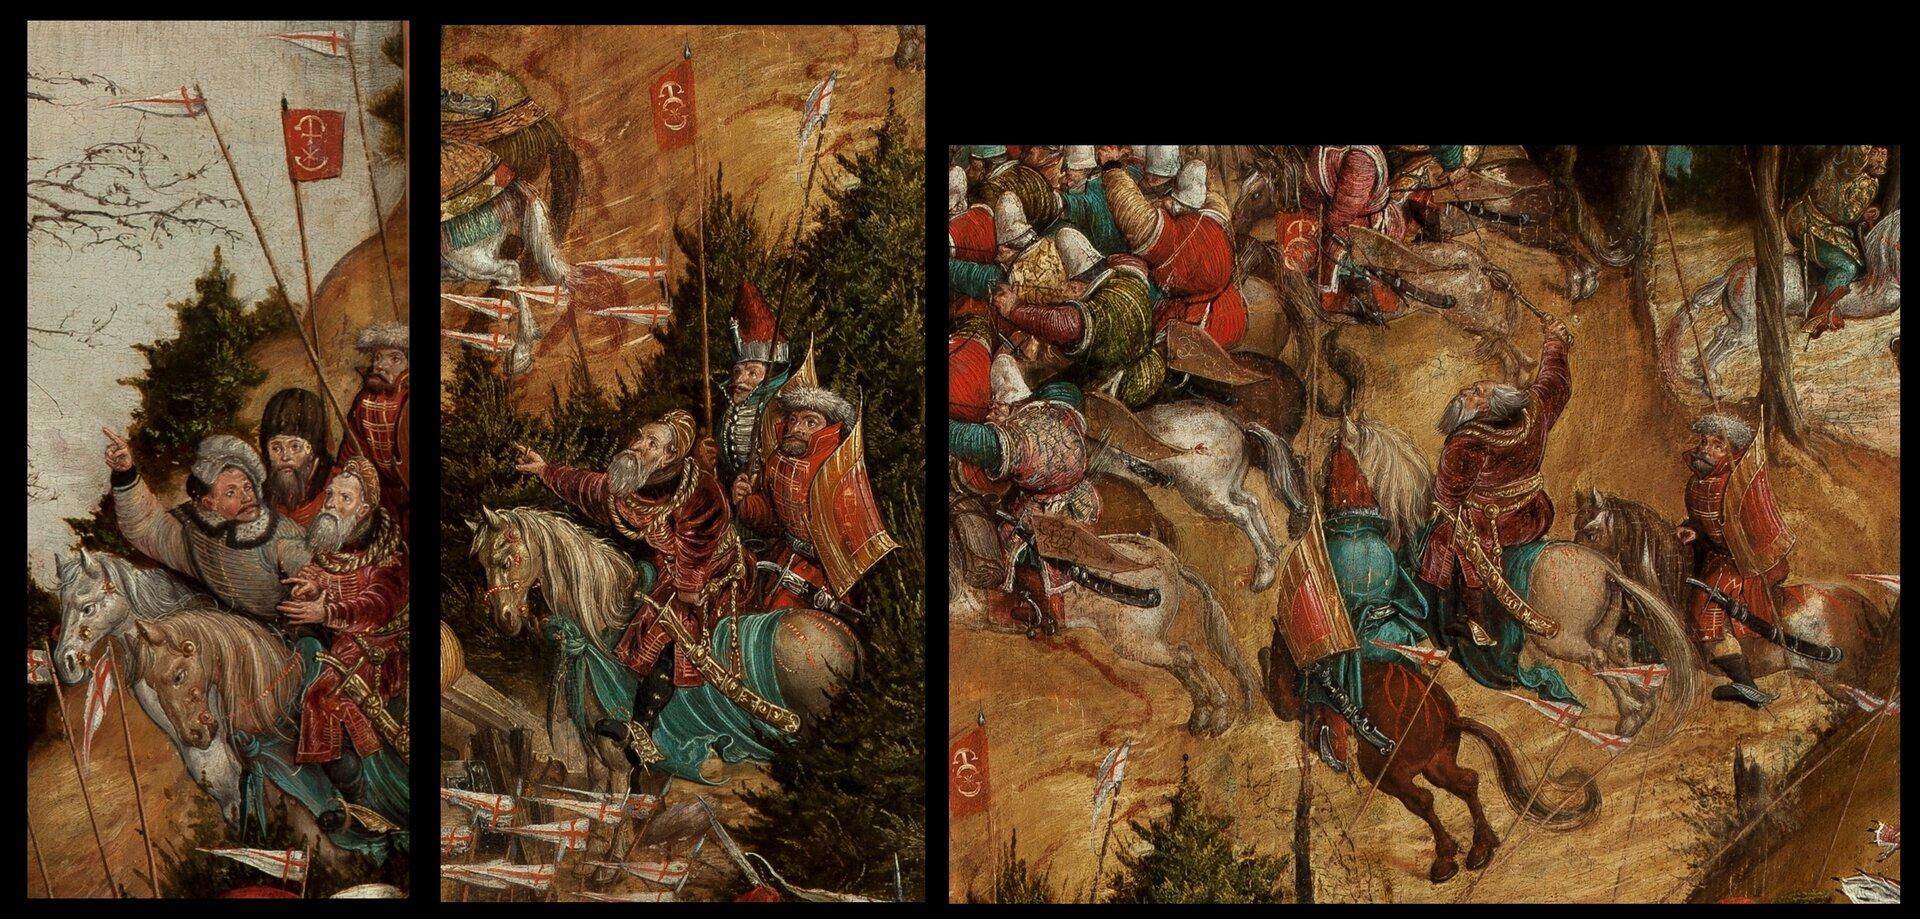 Bitwa pod Orszą - detal Artysta malujący obraz, chciał oddać dynamikę bitwy. Nie miał ku temu żadnych środków technicznych, więc próbował sobie radzić, wmontowując wwjedno przedstawienie bitwy różne jej etapy. Stąd na przykład, na obrazie widać aż trzy wyobrażenia księcia Konstantego Ostrogskiego,hetmana wielkiego litewskiego, dowodzącego oddziałami polsko-litewskimi. Na fragmencie po lewej widać go, gdy rozlokowuje wojska na początku starcia, na środkowym - gdy dowodzi ostrzałem artyleryjskim, apo prawej - gdy bierze osobiście udział wbitwie, ścigając uciekających nieprzyjaciół. Źródło: artysta nieznany, Bitwa pod Orszą - detal, między 1525-1540, tempera na dębowej desce, Muzeum Narodowe wWarszawie, domena publiczna.